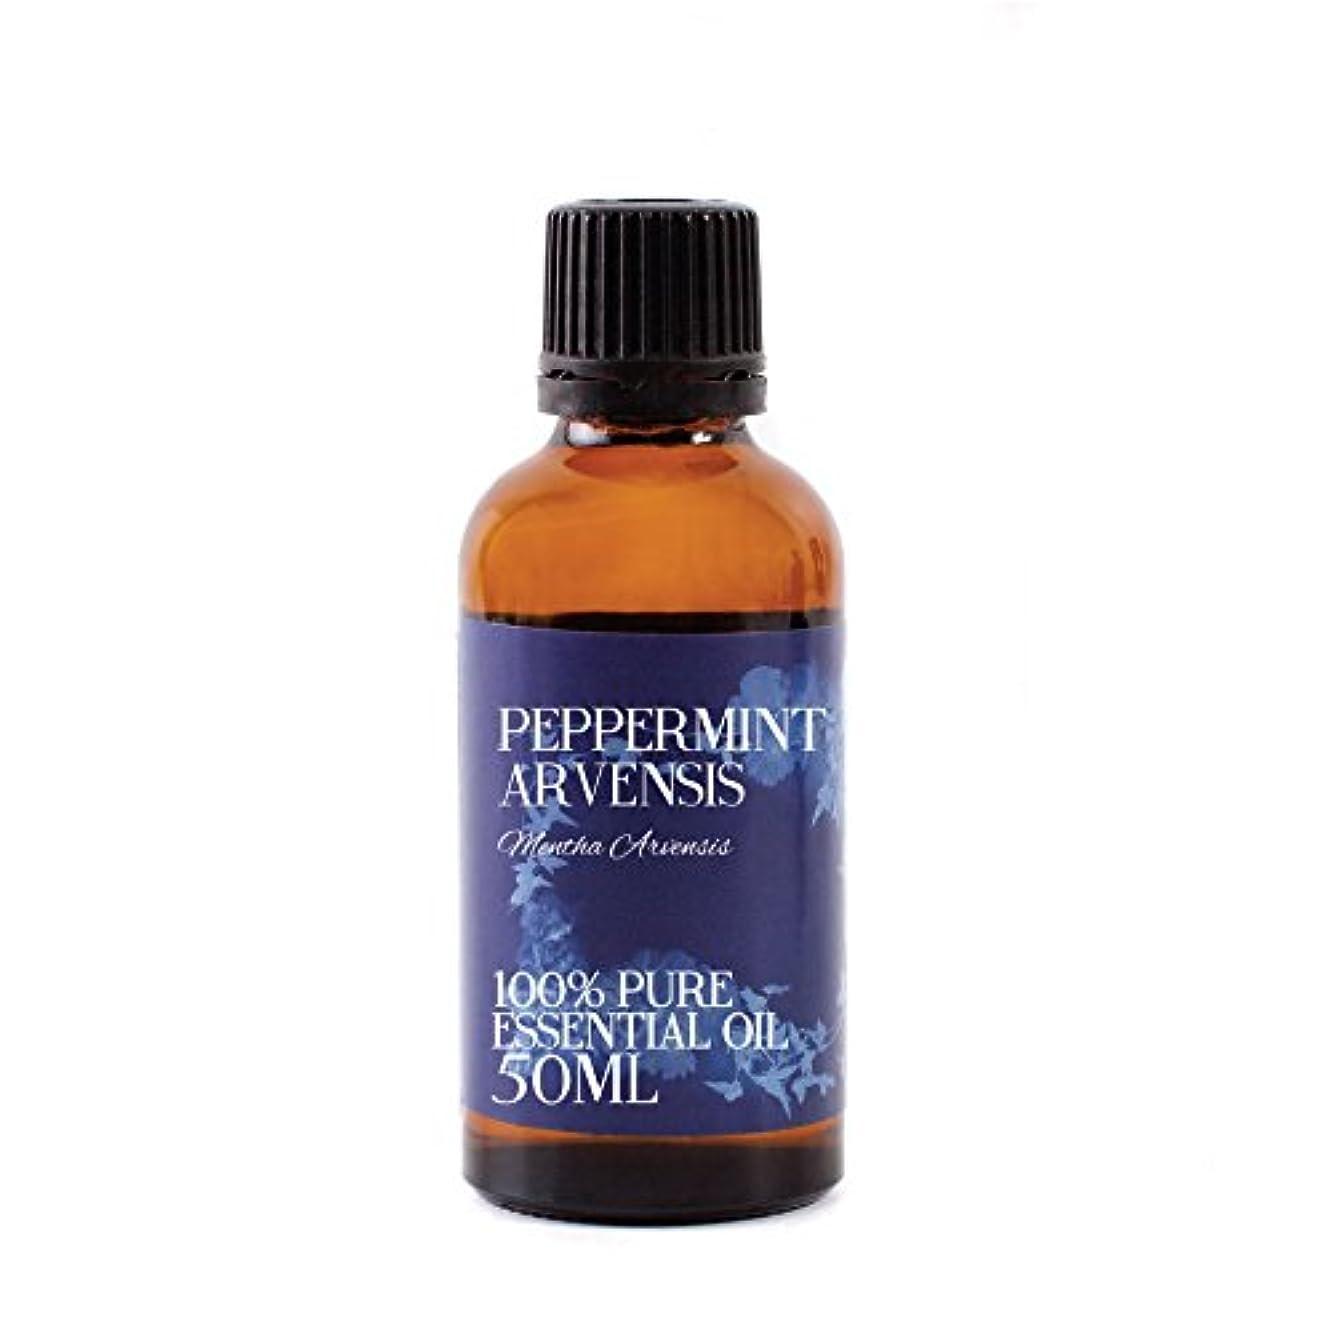 マッサージ検閲ペイントMystic Moments | Peppermint Arvensis Essential Oil - 50ml - 100% Pure